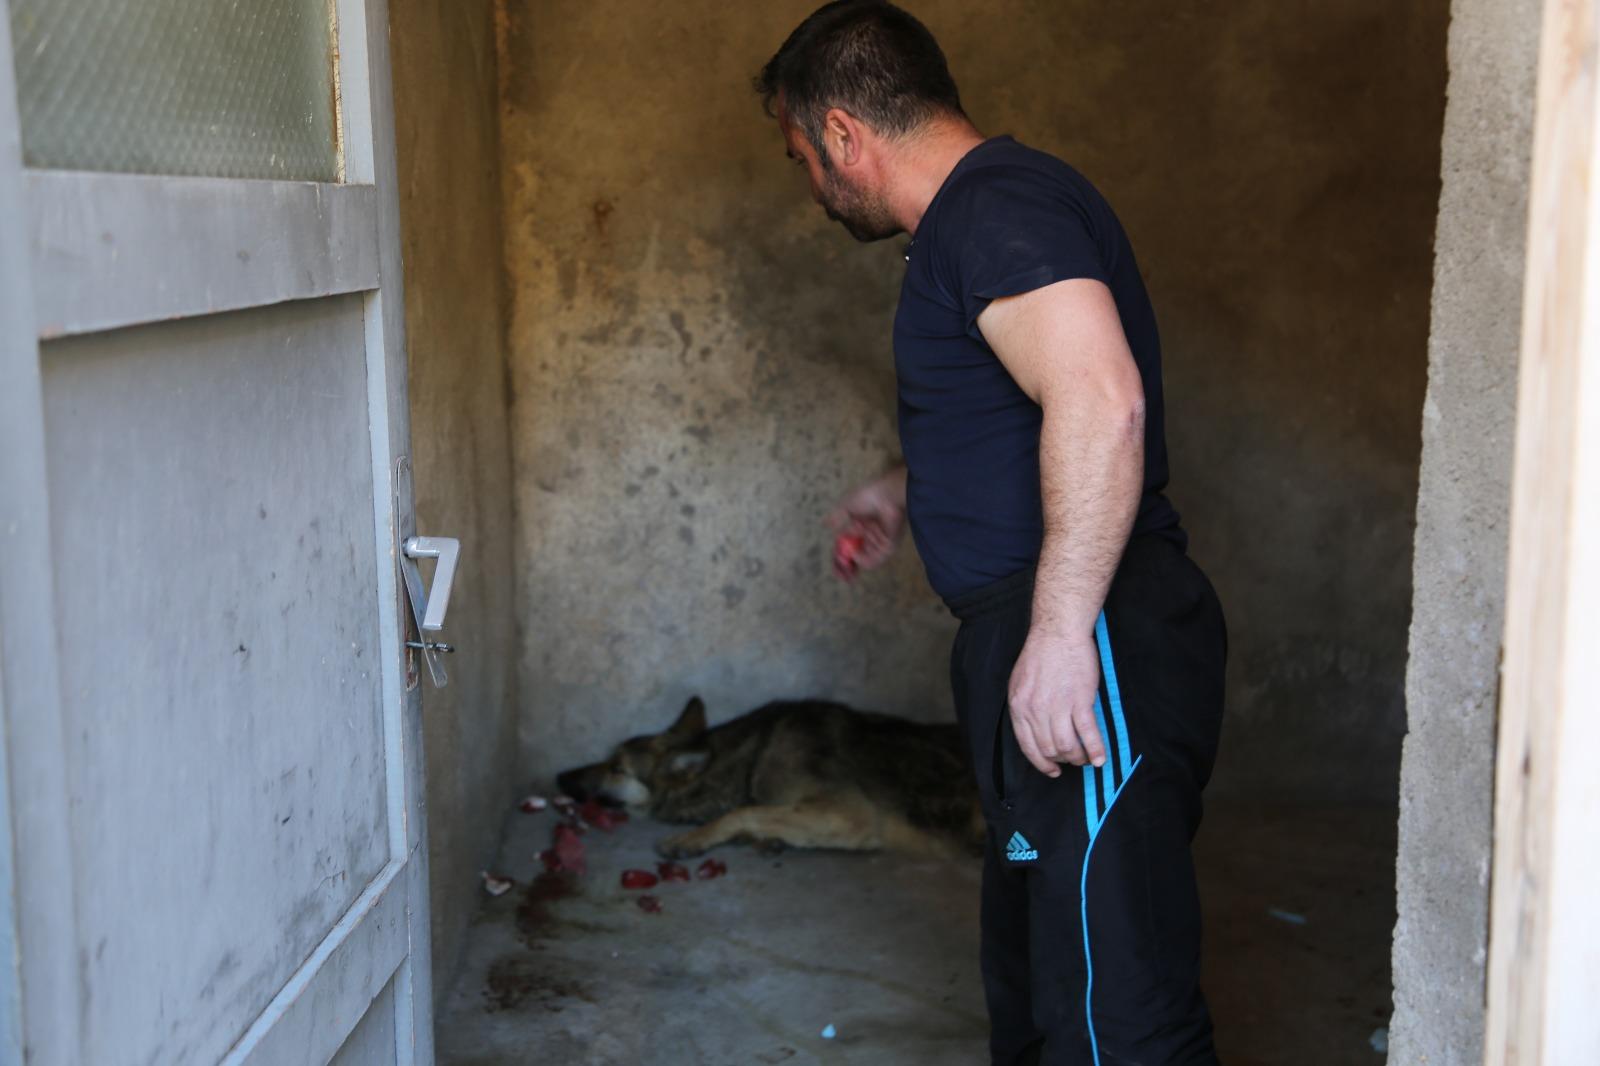 Yaralı kurda evde bakıyor